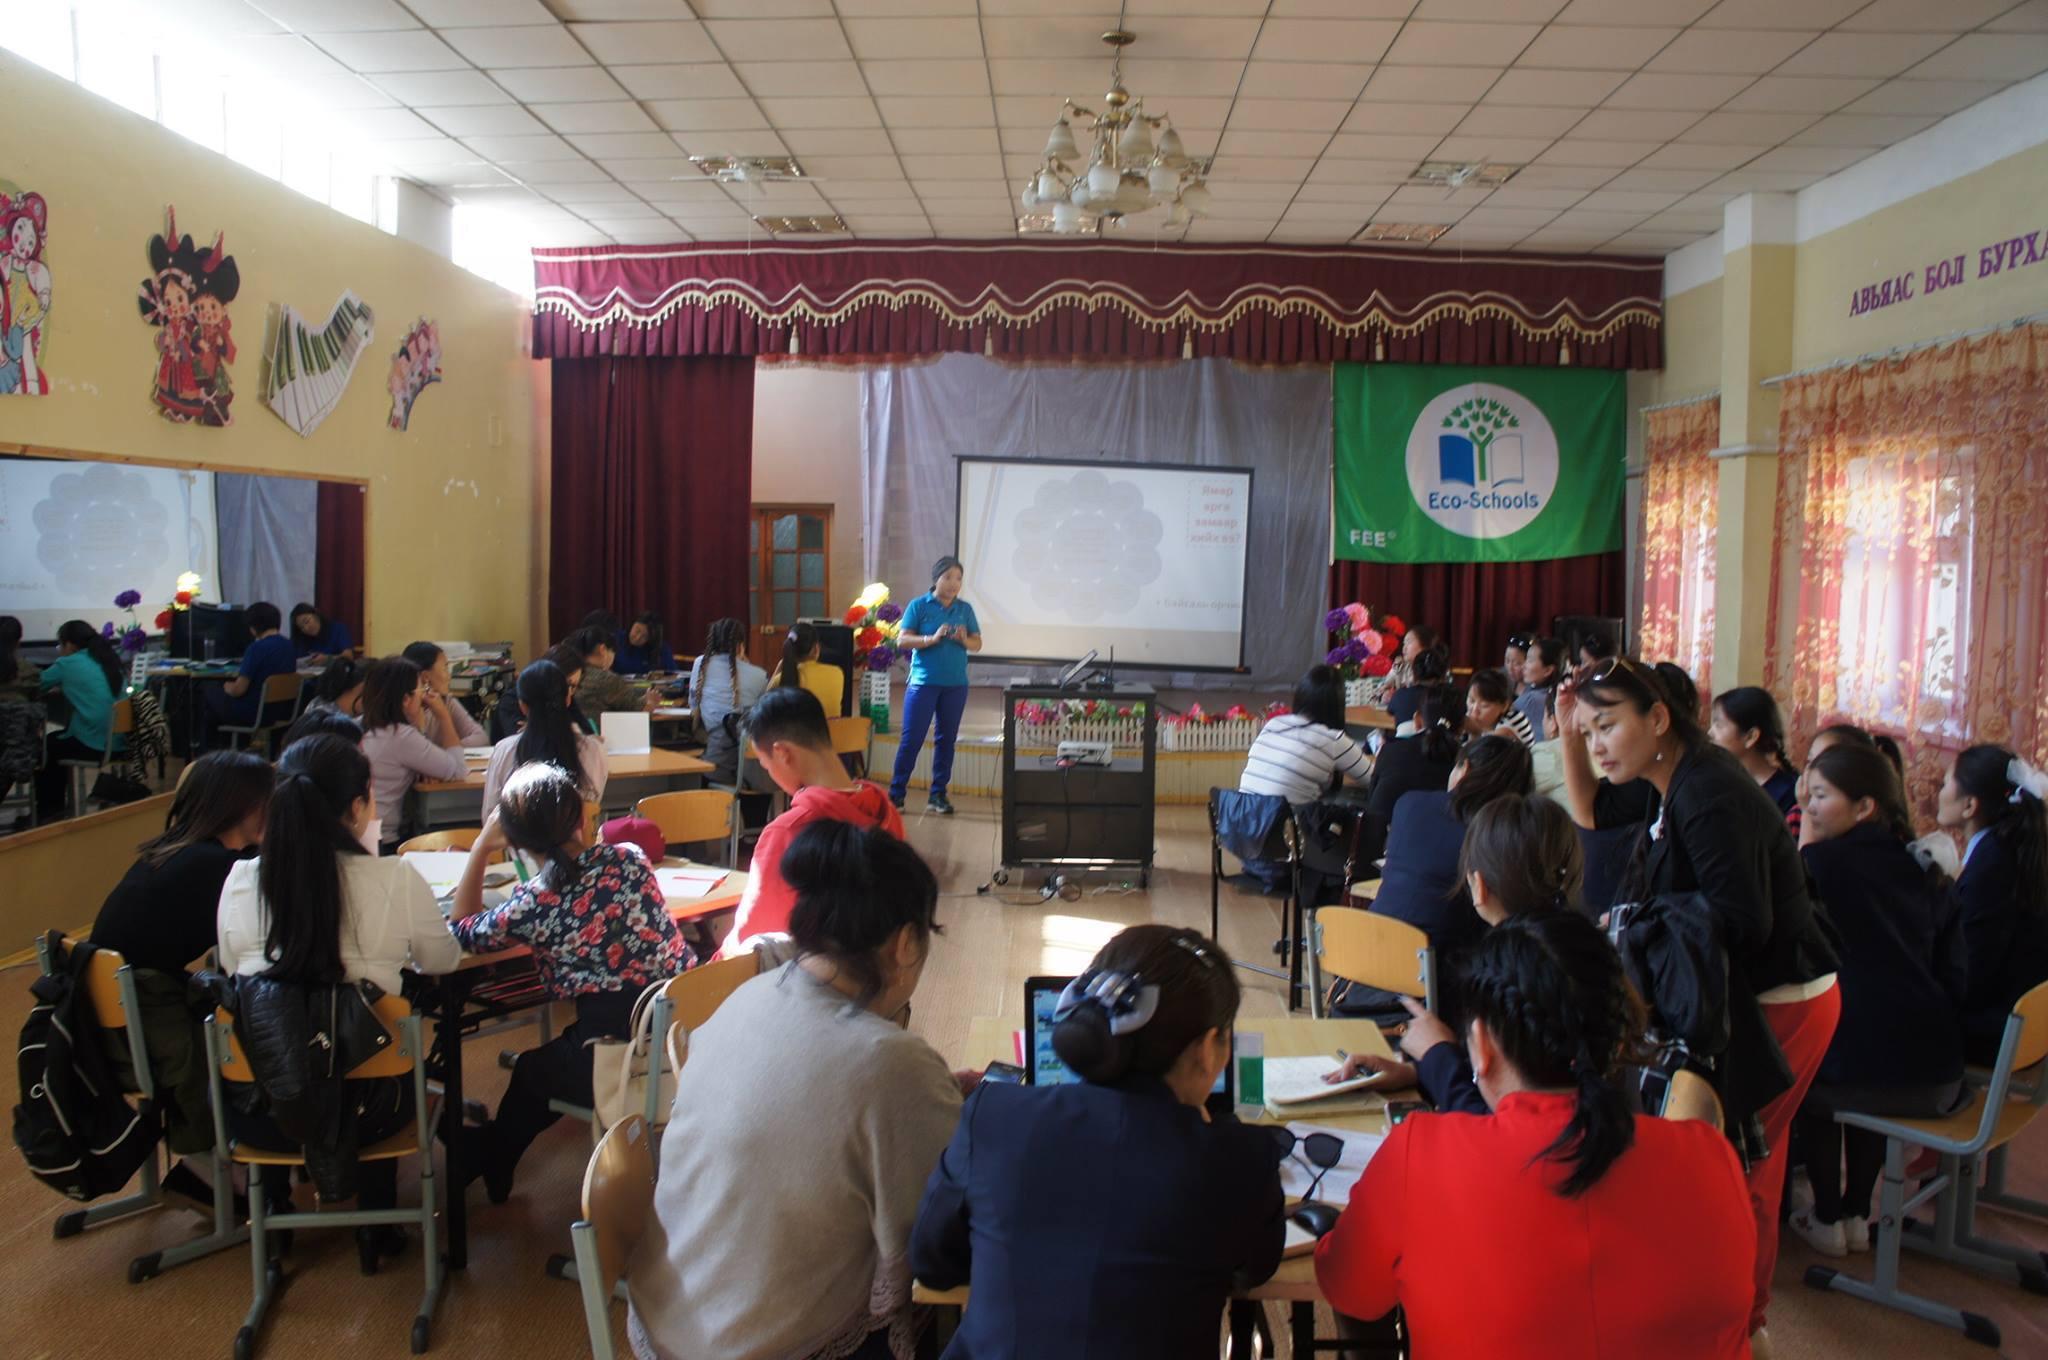 Эко сургууль хөтөлбөрийн анхан шатны 2 дахь сургалт зохион байгуулагдаж байна